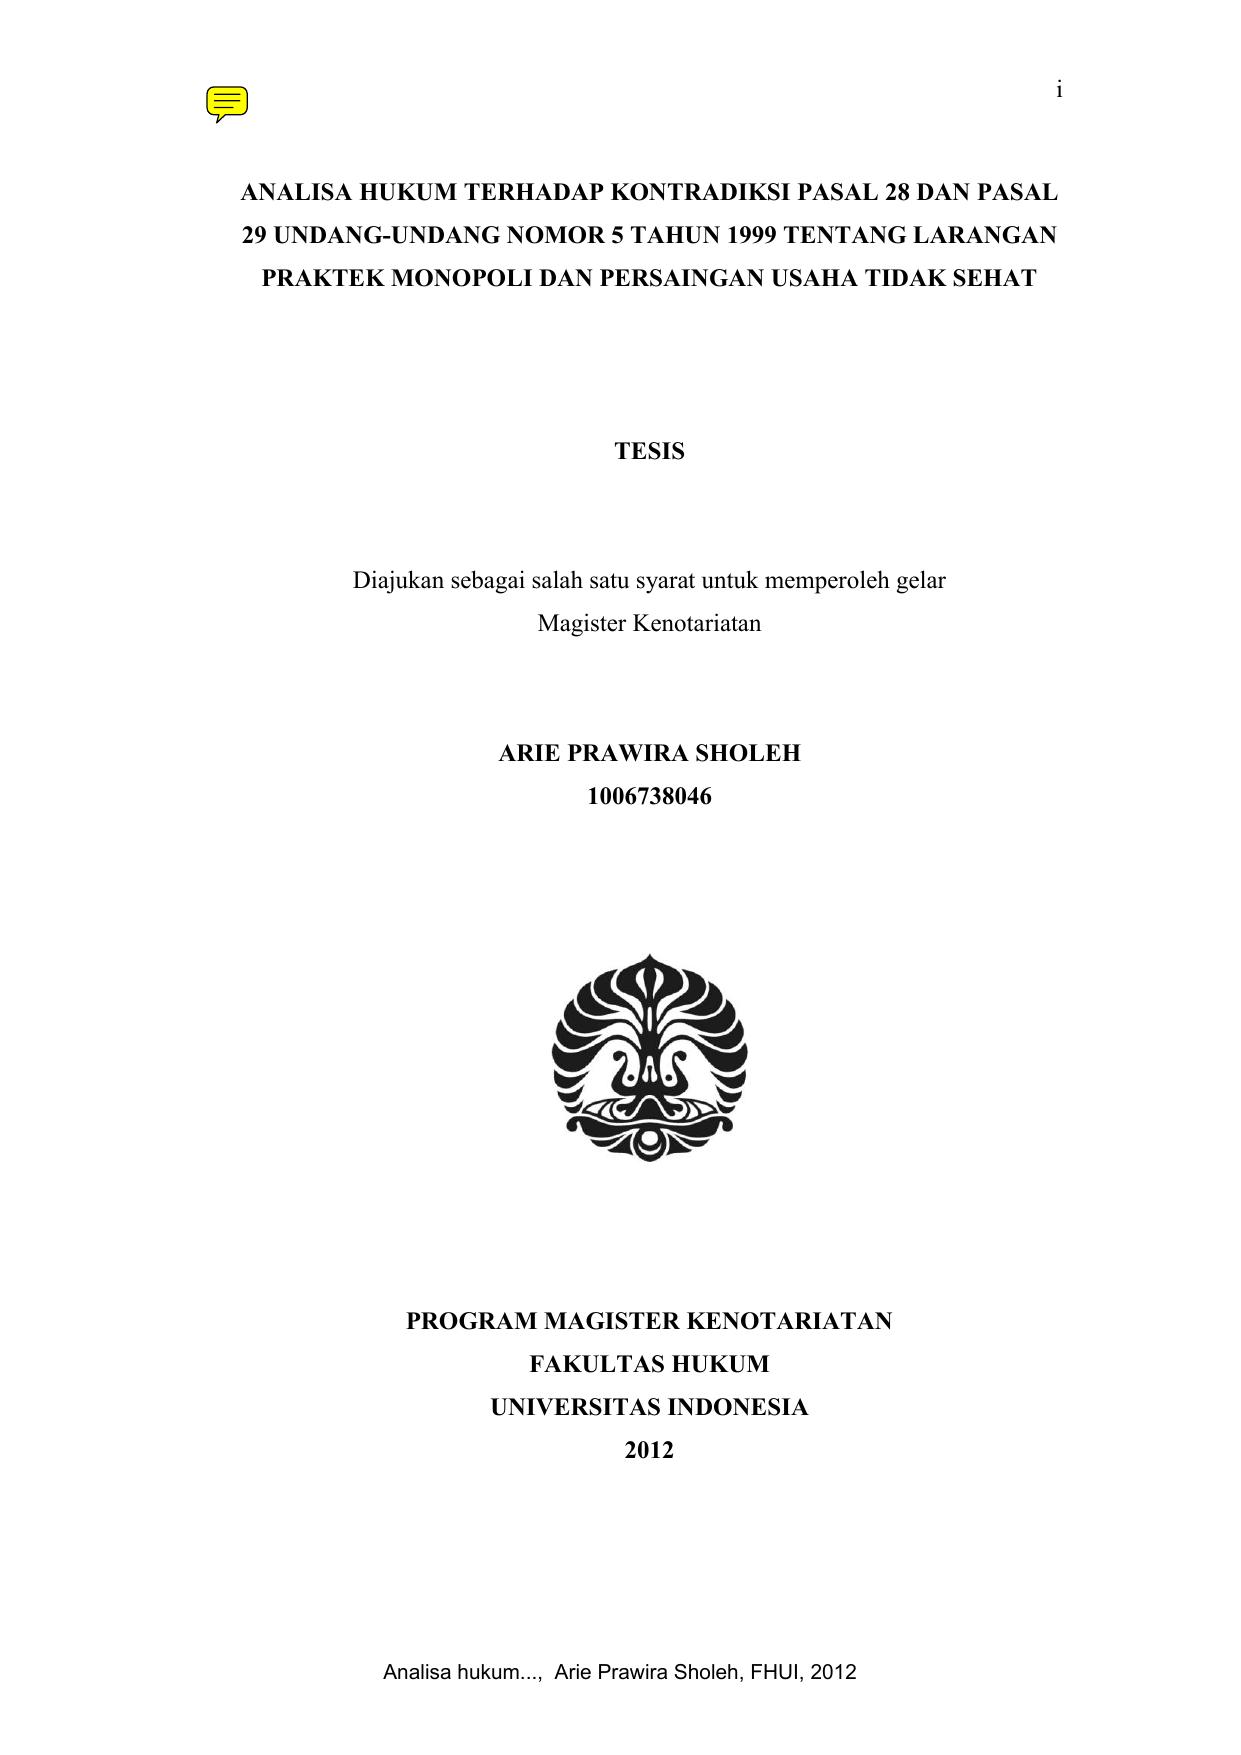 I Analisa Hukum Terhadap Kontradiksi Pasal 28 Dan Voucher Carrefour Rp 15000000